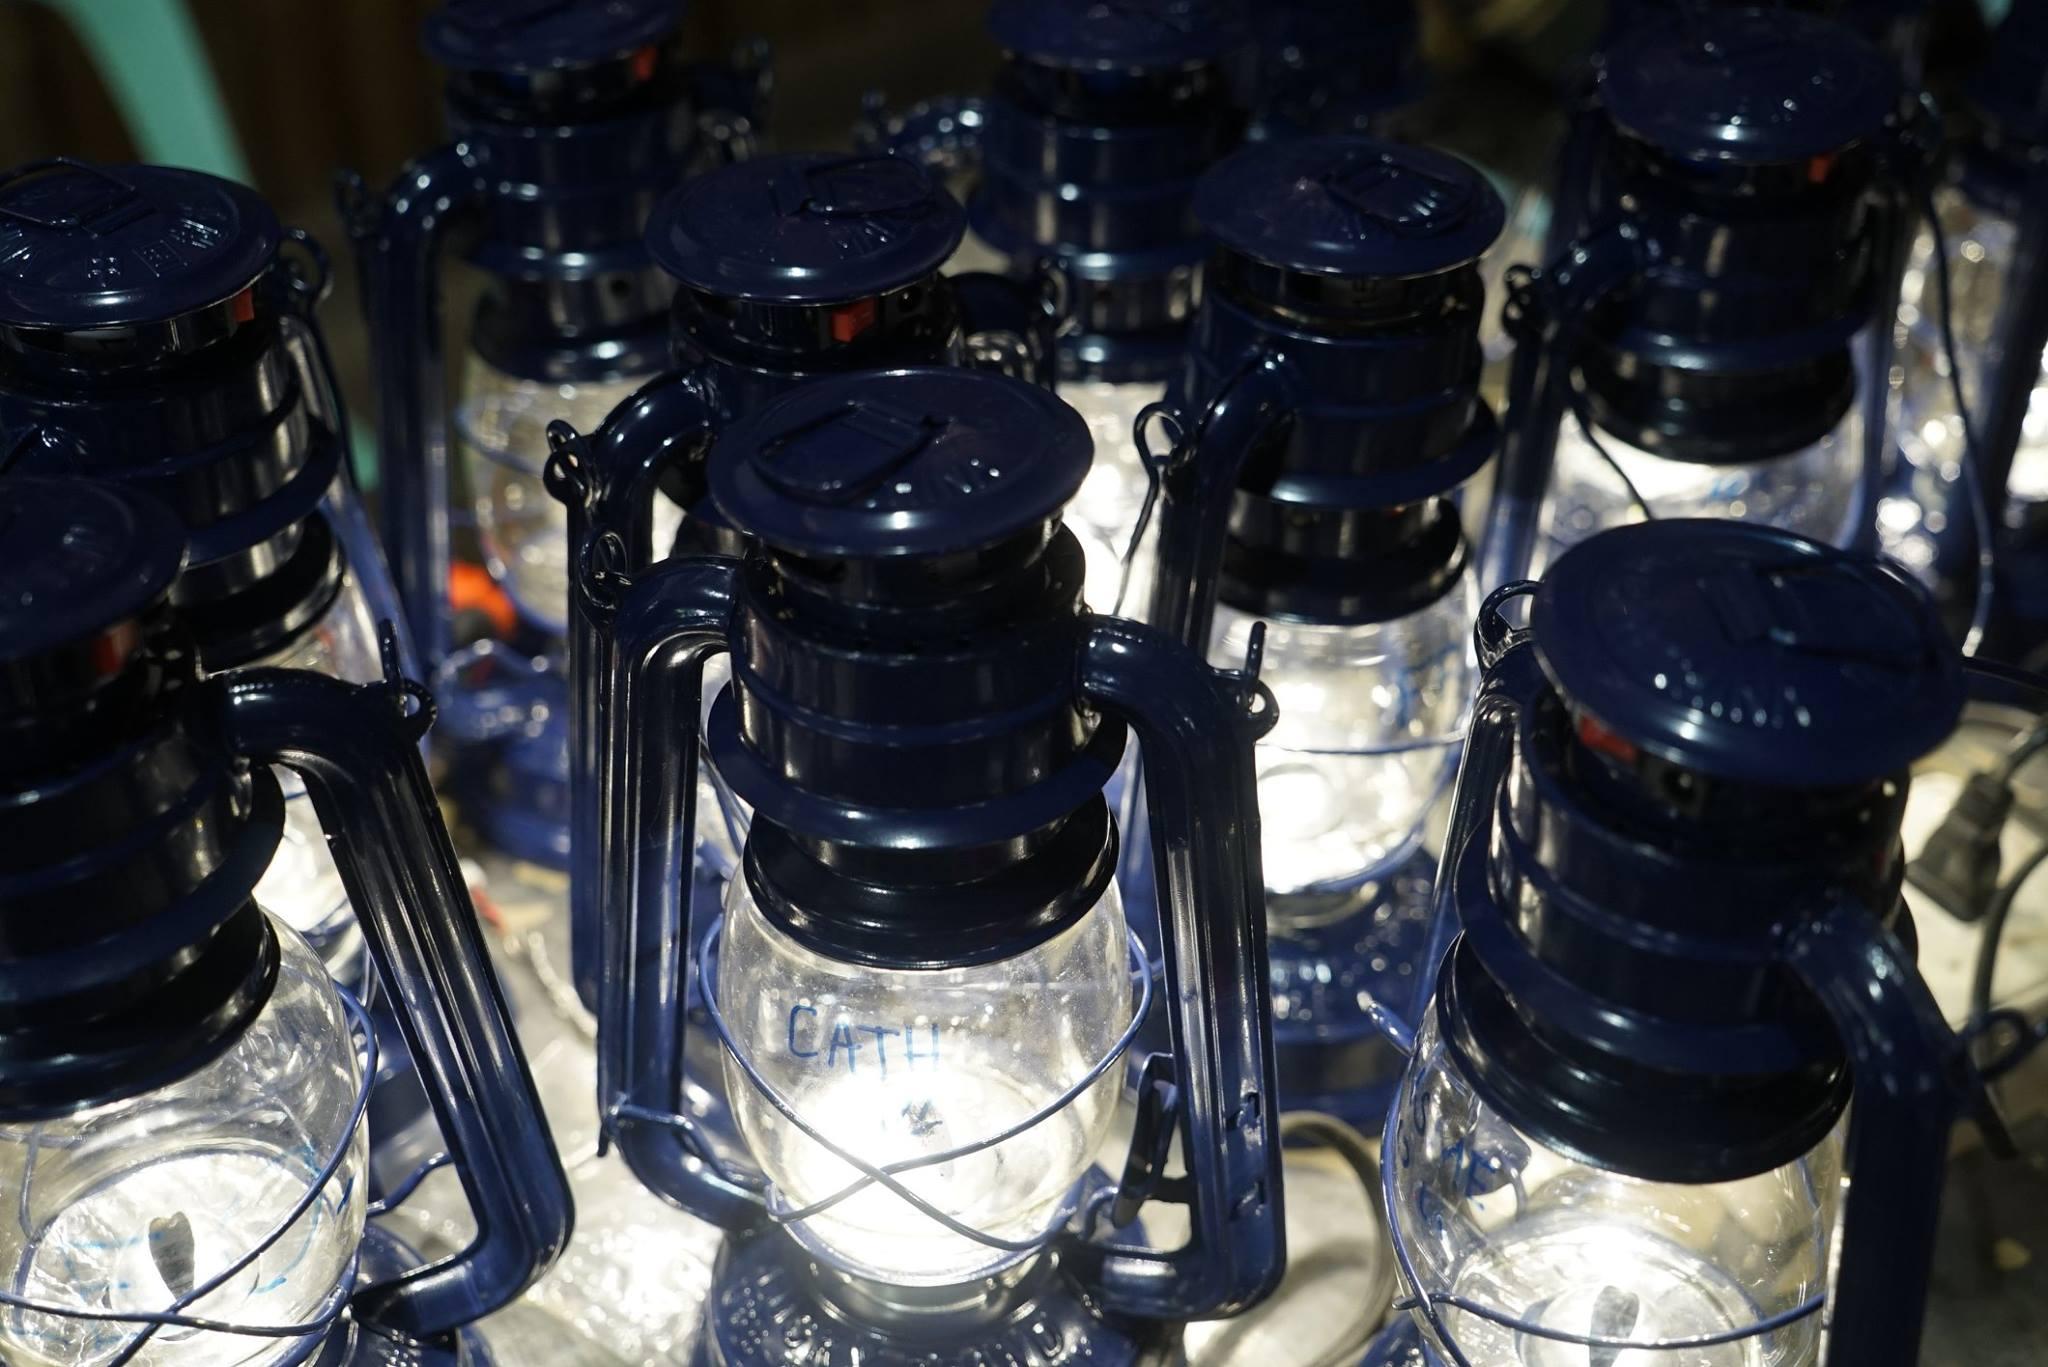 Öllampen lassen sich für rund 5 US-Dollar umrüsten. (Foto: Liter of Light)